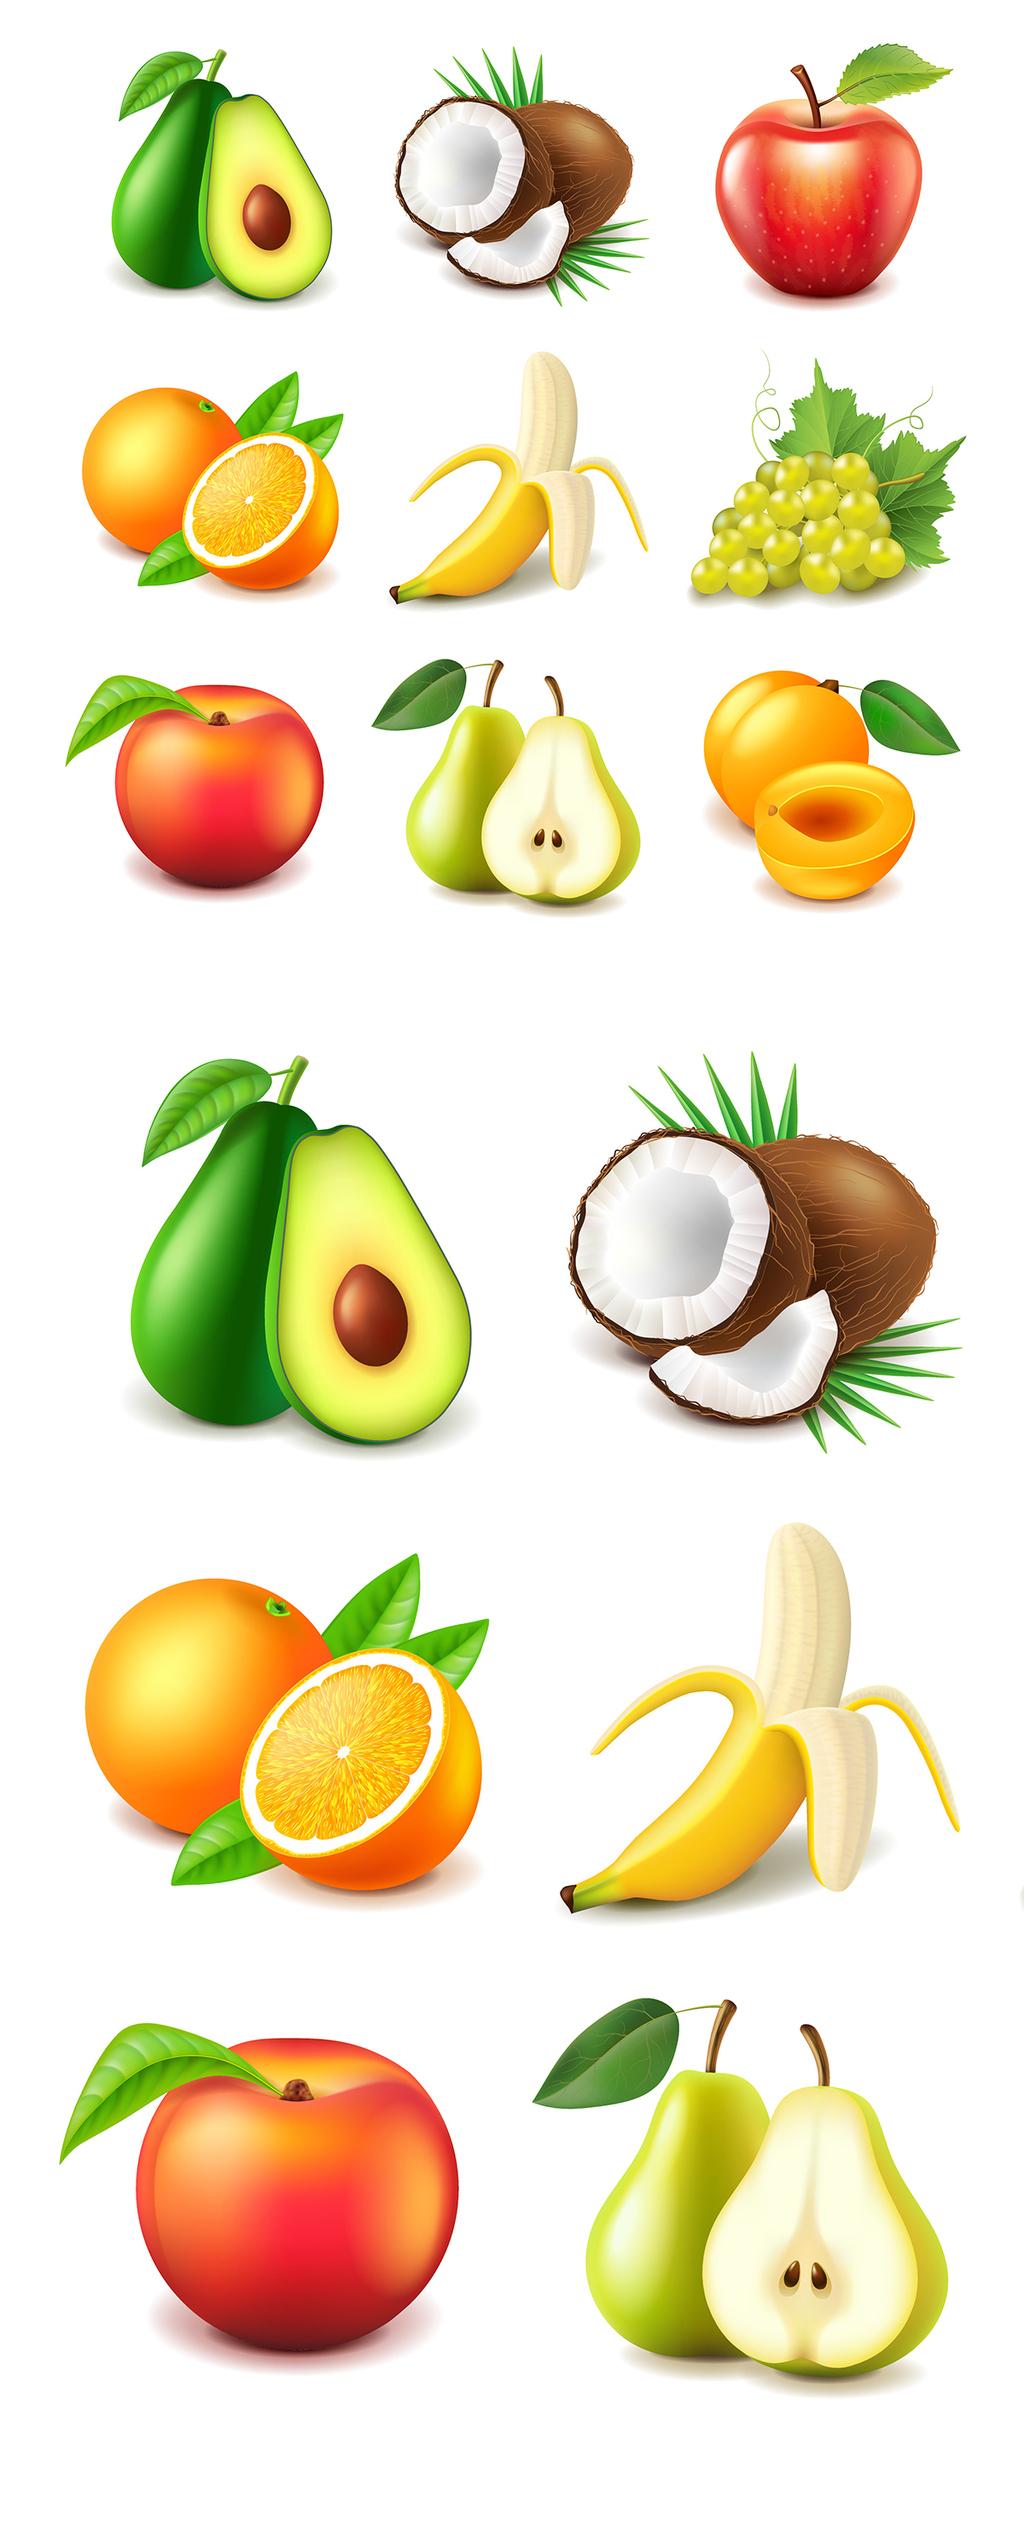 设计元素 自然素材 动物 > 立体香蕉红苹果水果矢量素材   图片编号